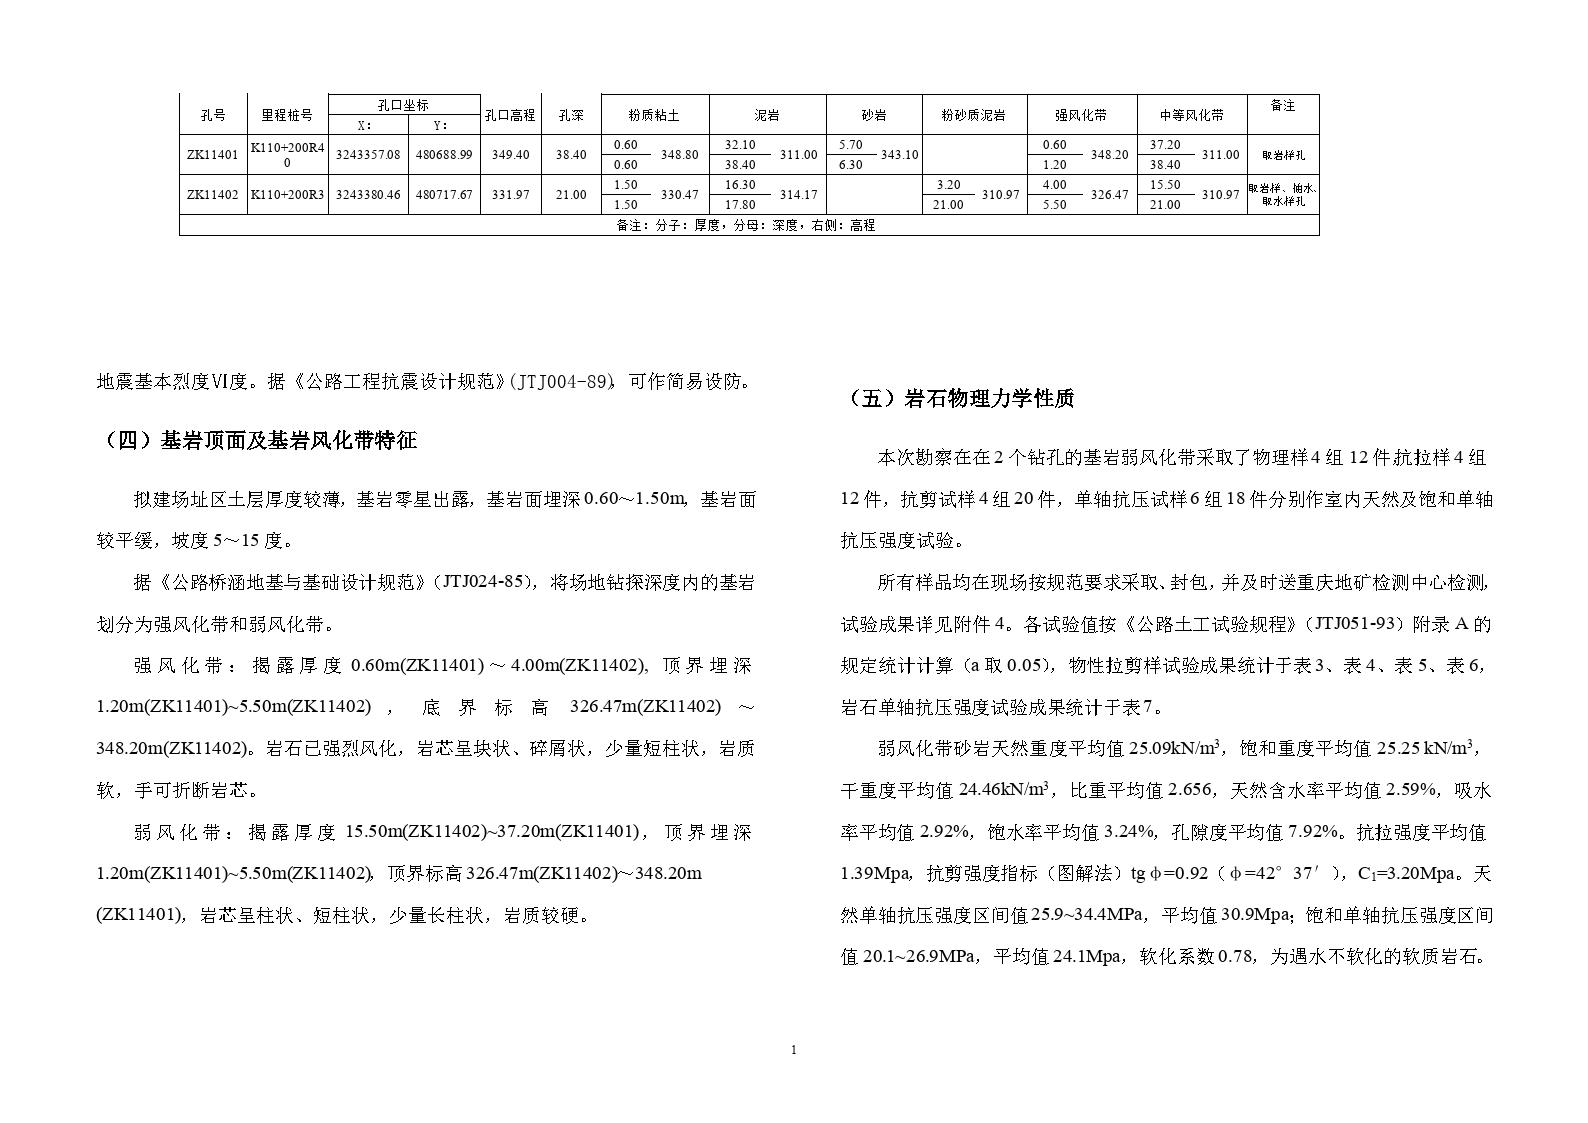 西部开发省际公路重庆绕城公路南段路基工点地质勘察资料-图二